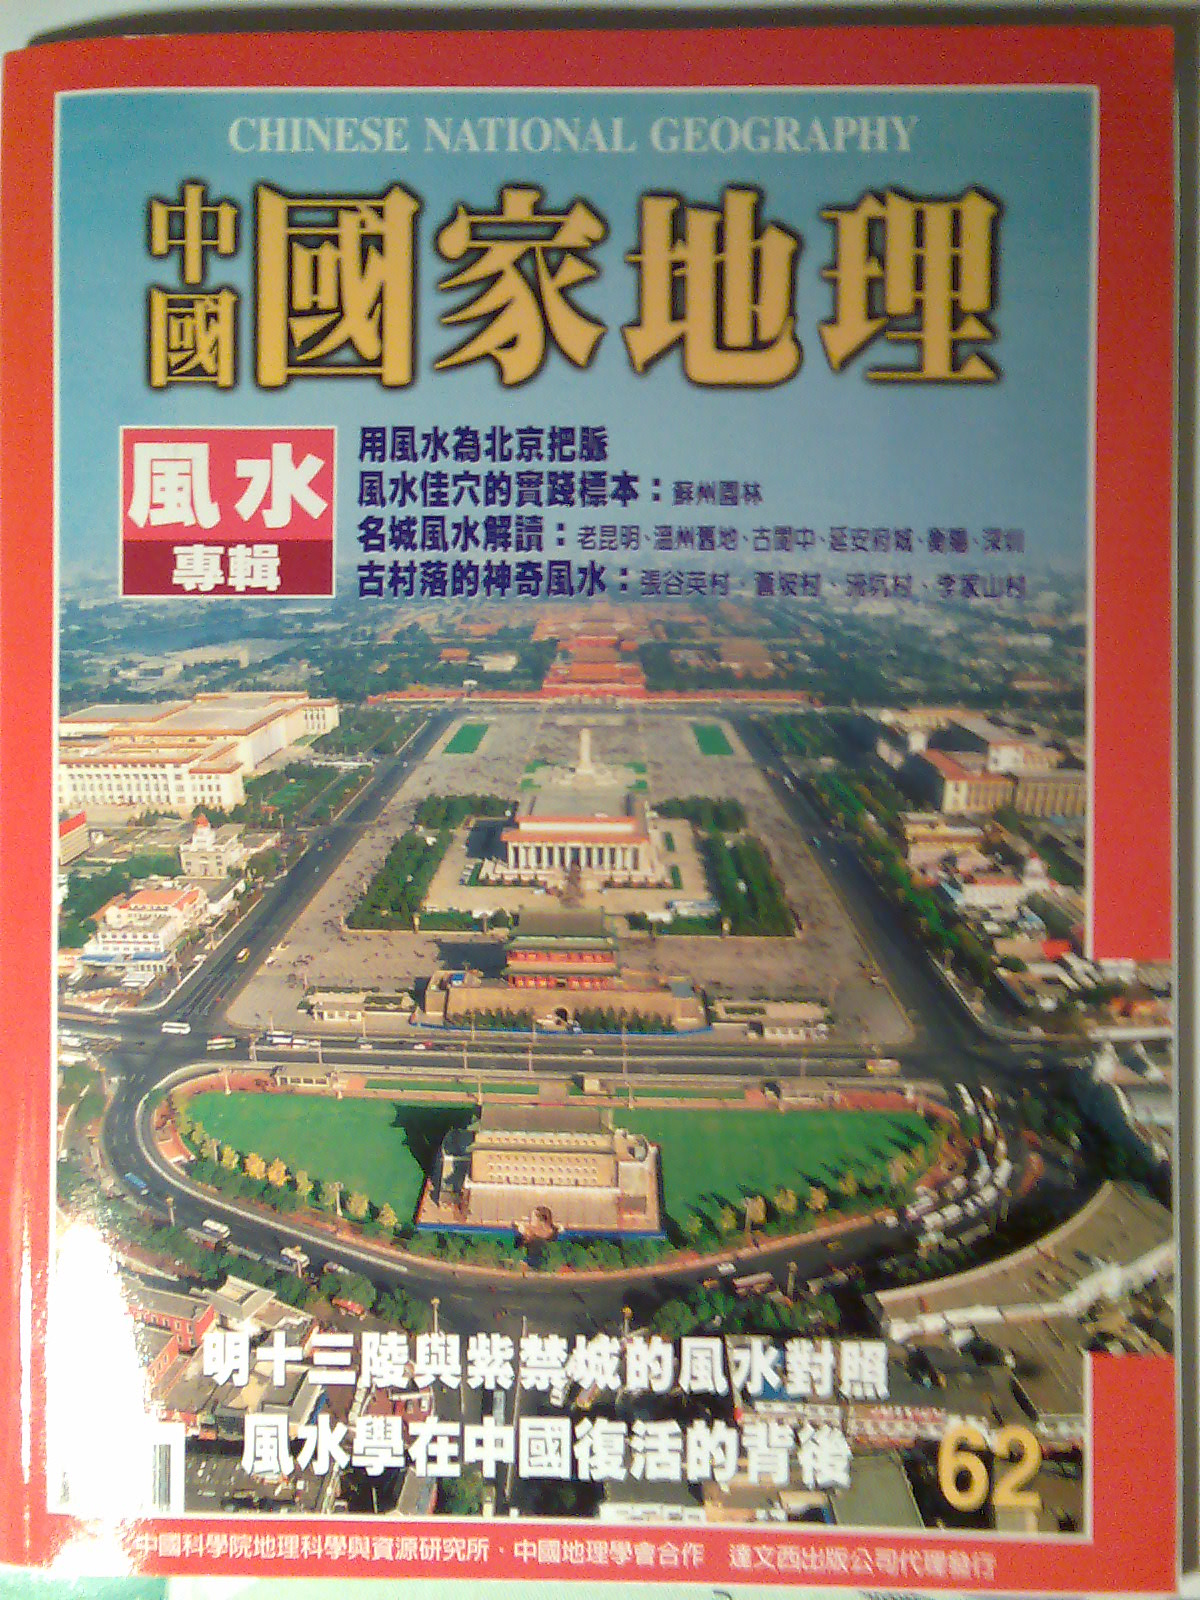 中國國家地理